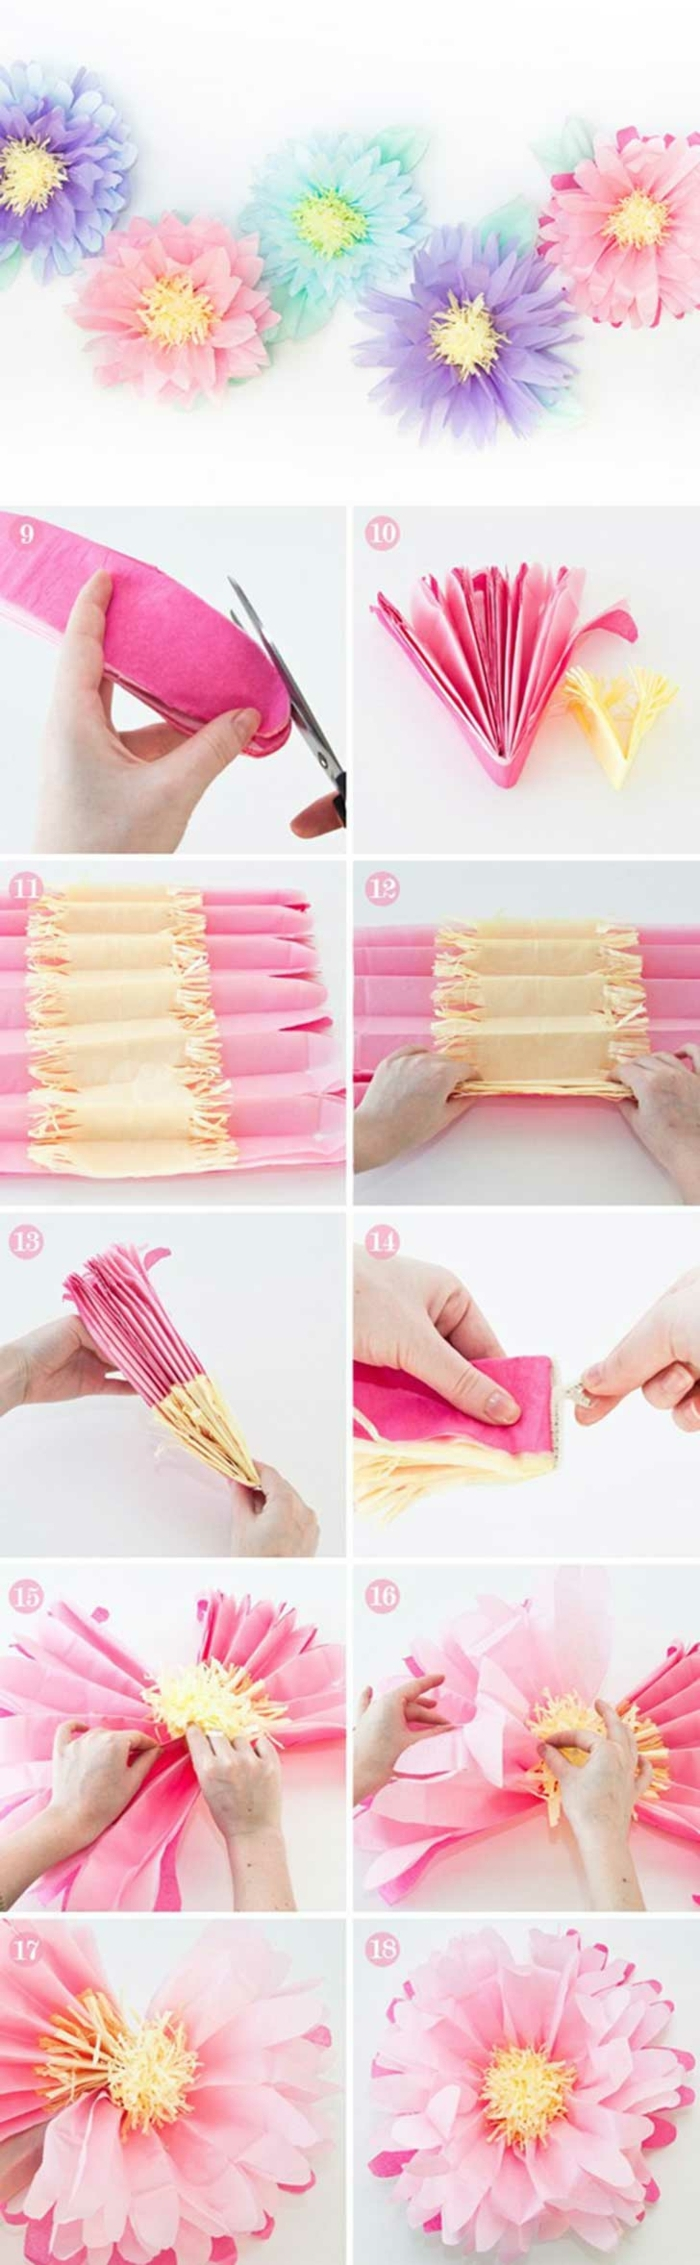 DIY Anleitung zum basteln von bunten Blumen aus Papier, Pinterest basteln, Hand schneidet und formt Papier